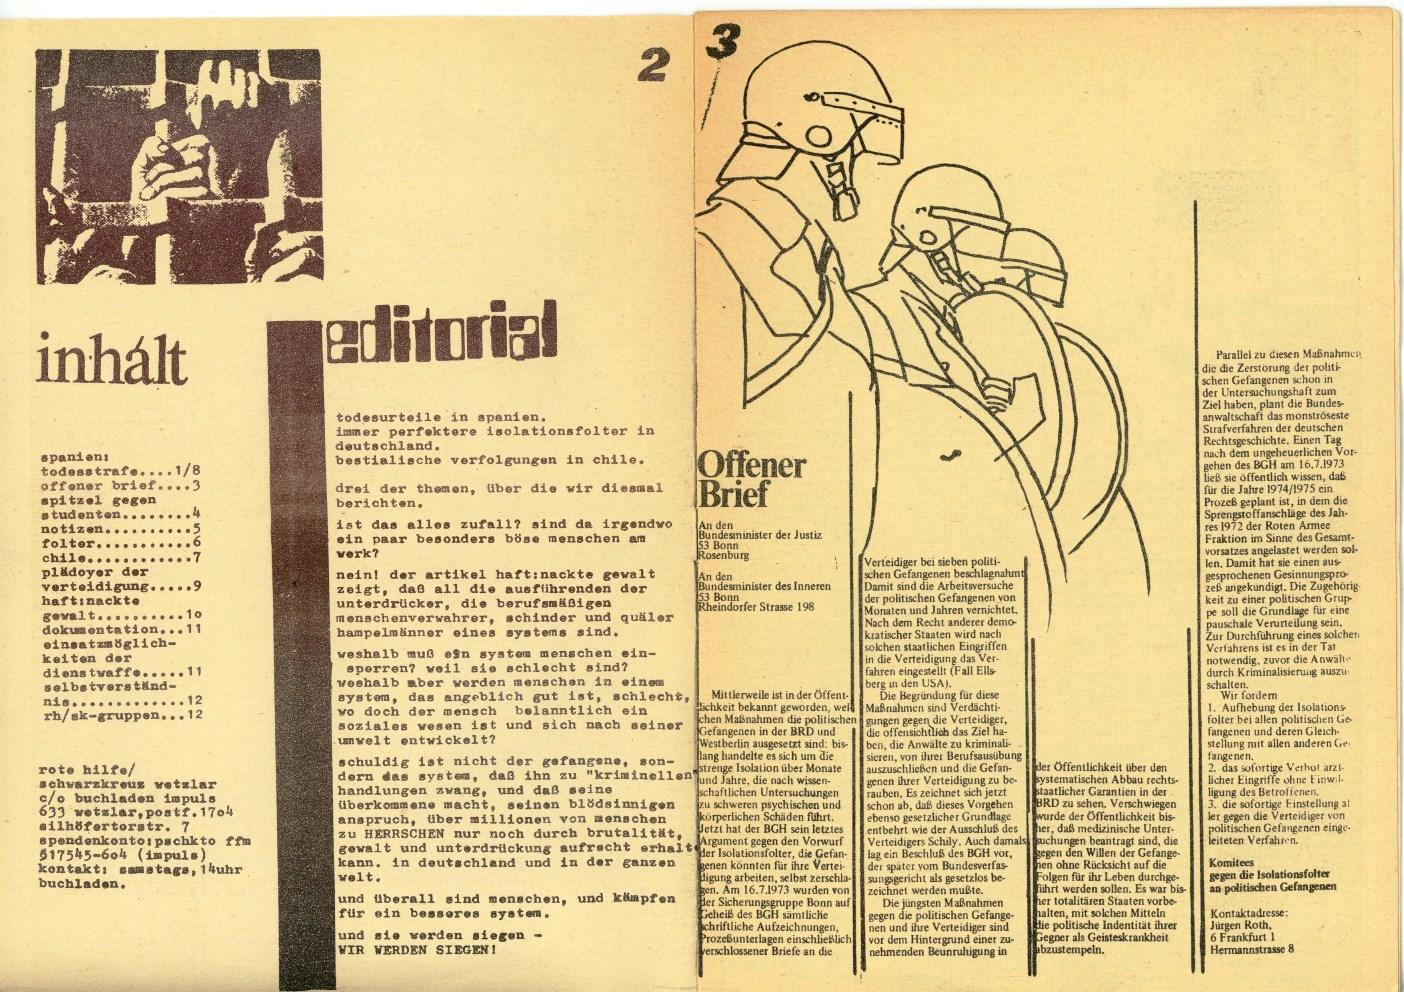 Wetzlar_RH_SK_Nachrichten_1974_04_02